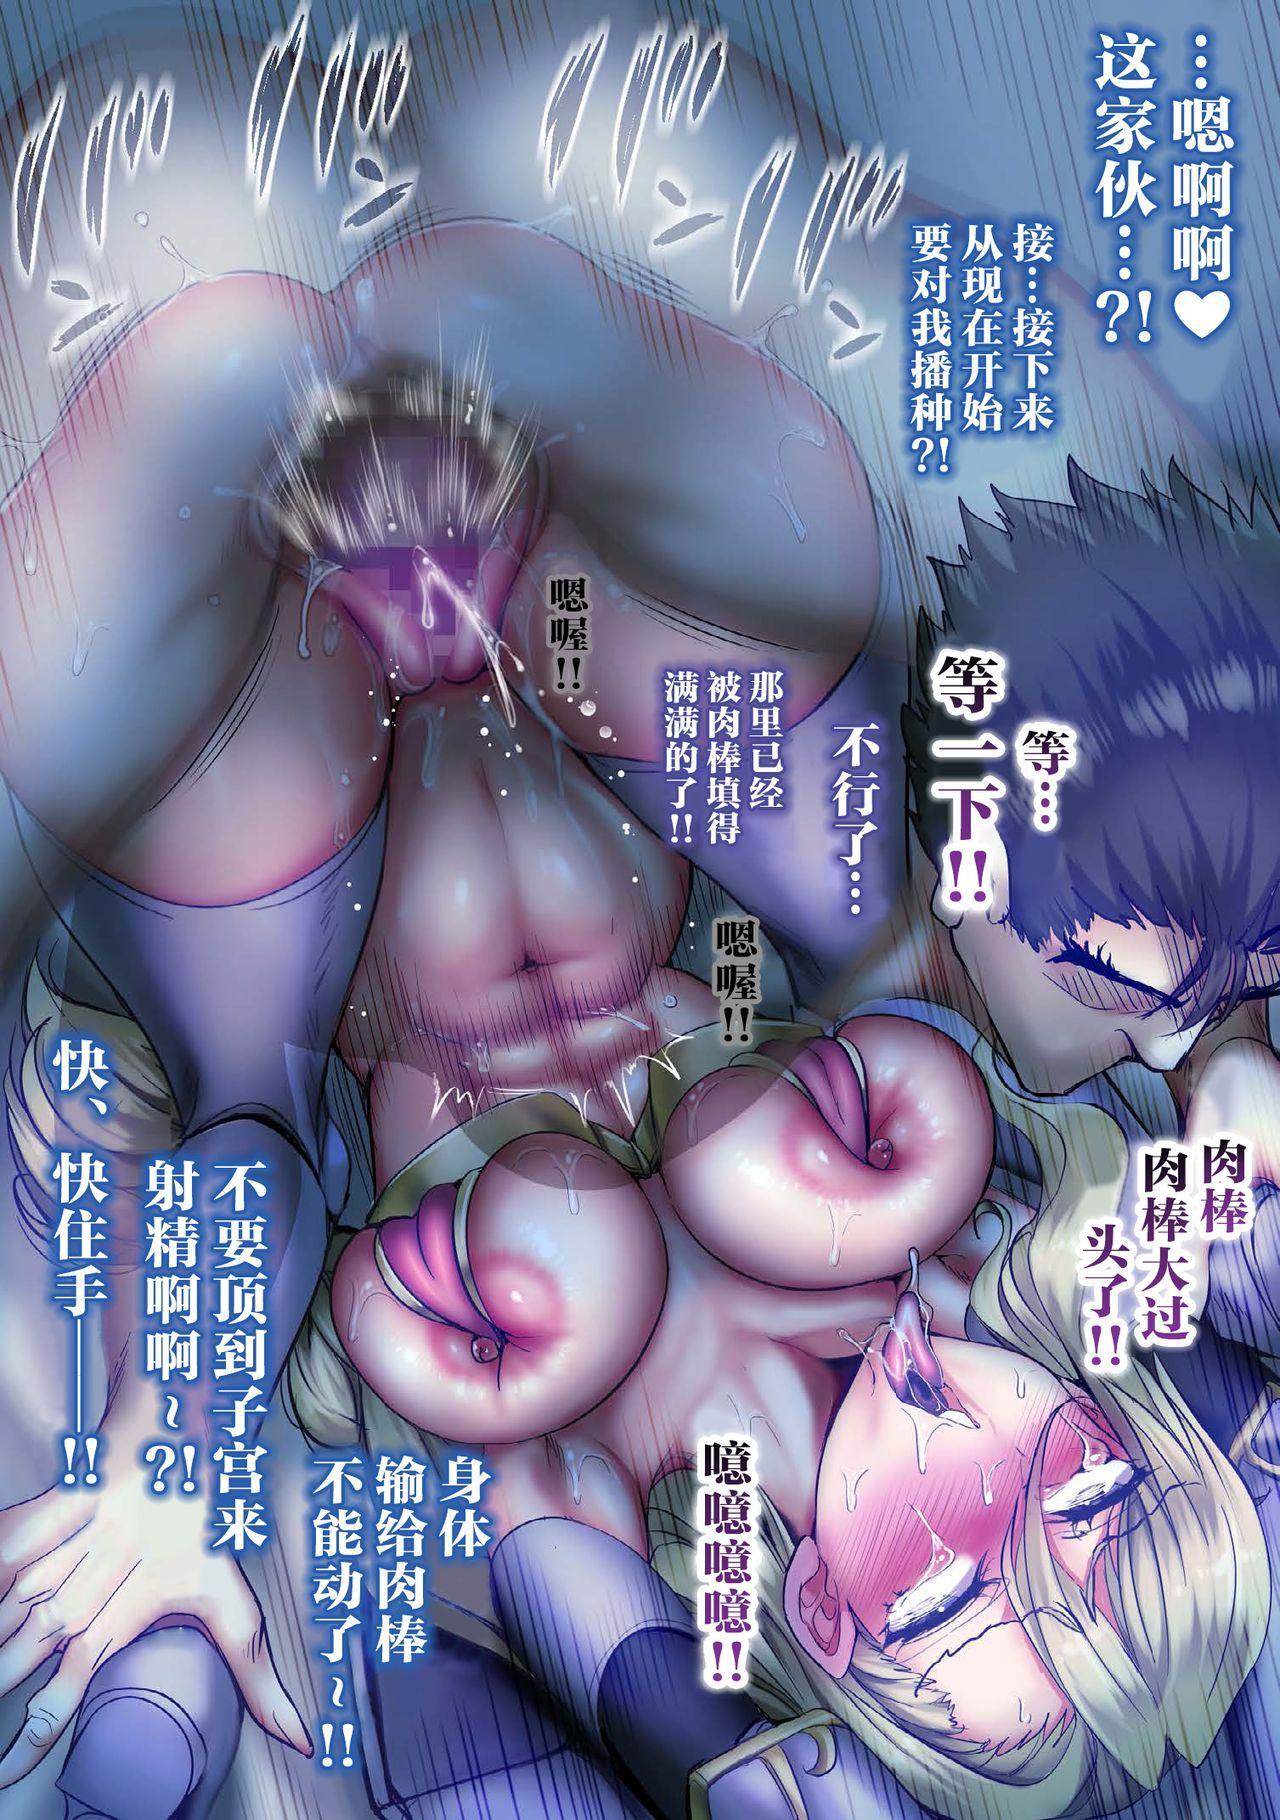 Zenmetsu Party Rape 3 | 全灭强奸派对3 51